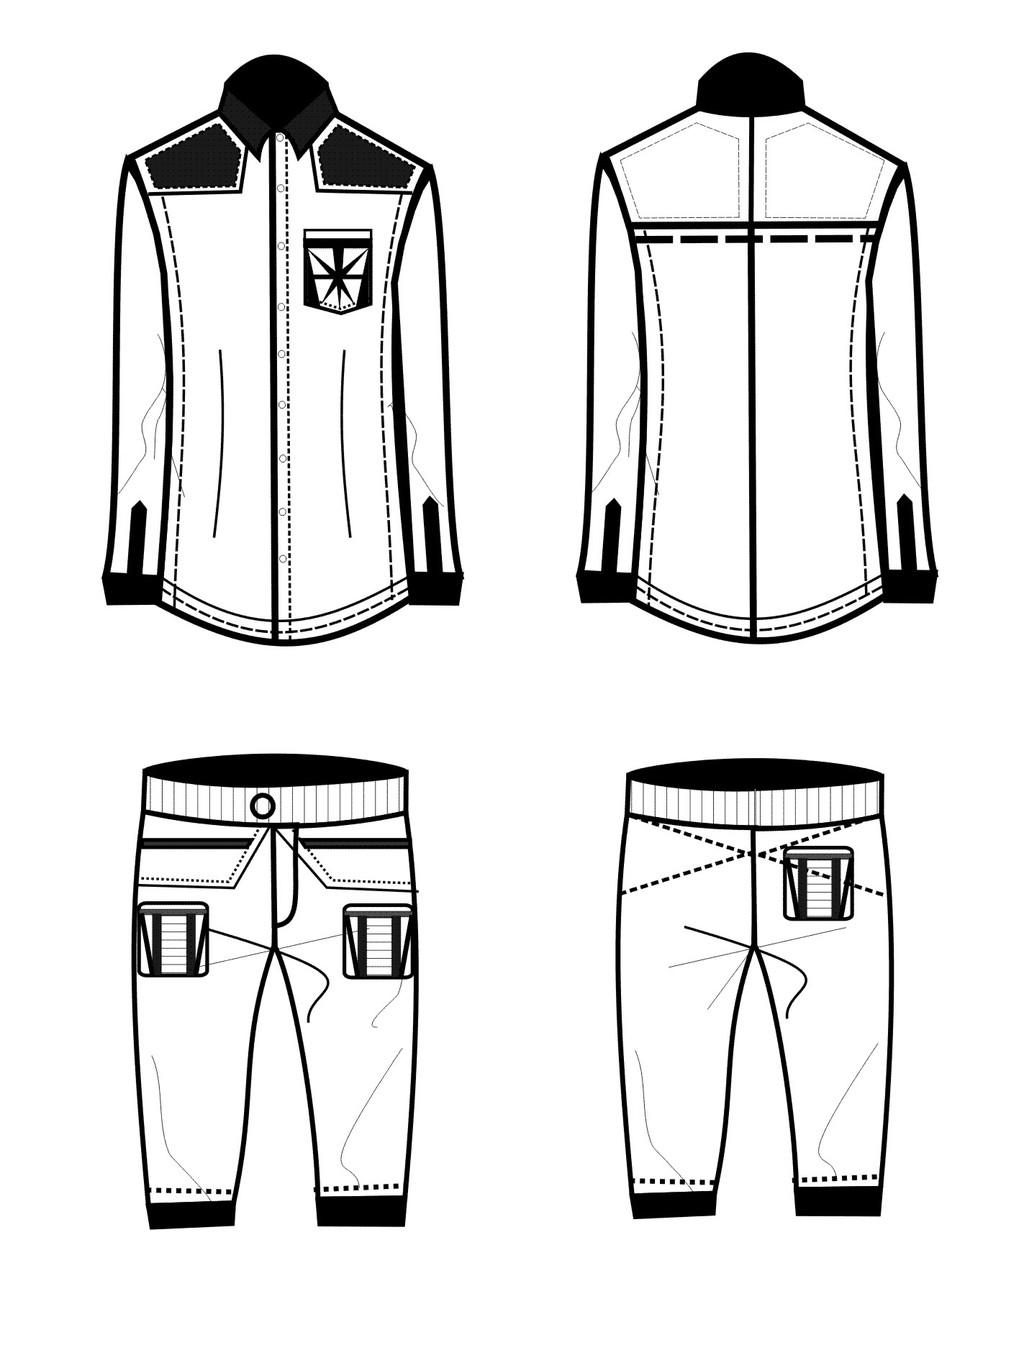 服装手绘图 服装手绘款式图 服装设计 矢量服装手绘效果图 服装款式